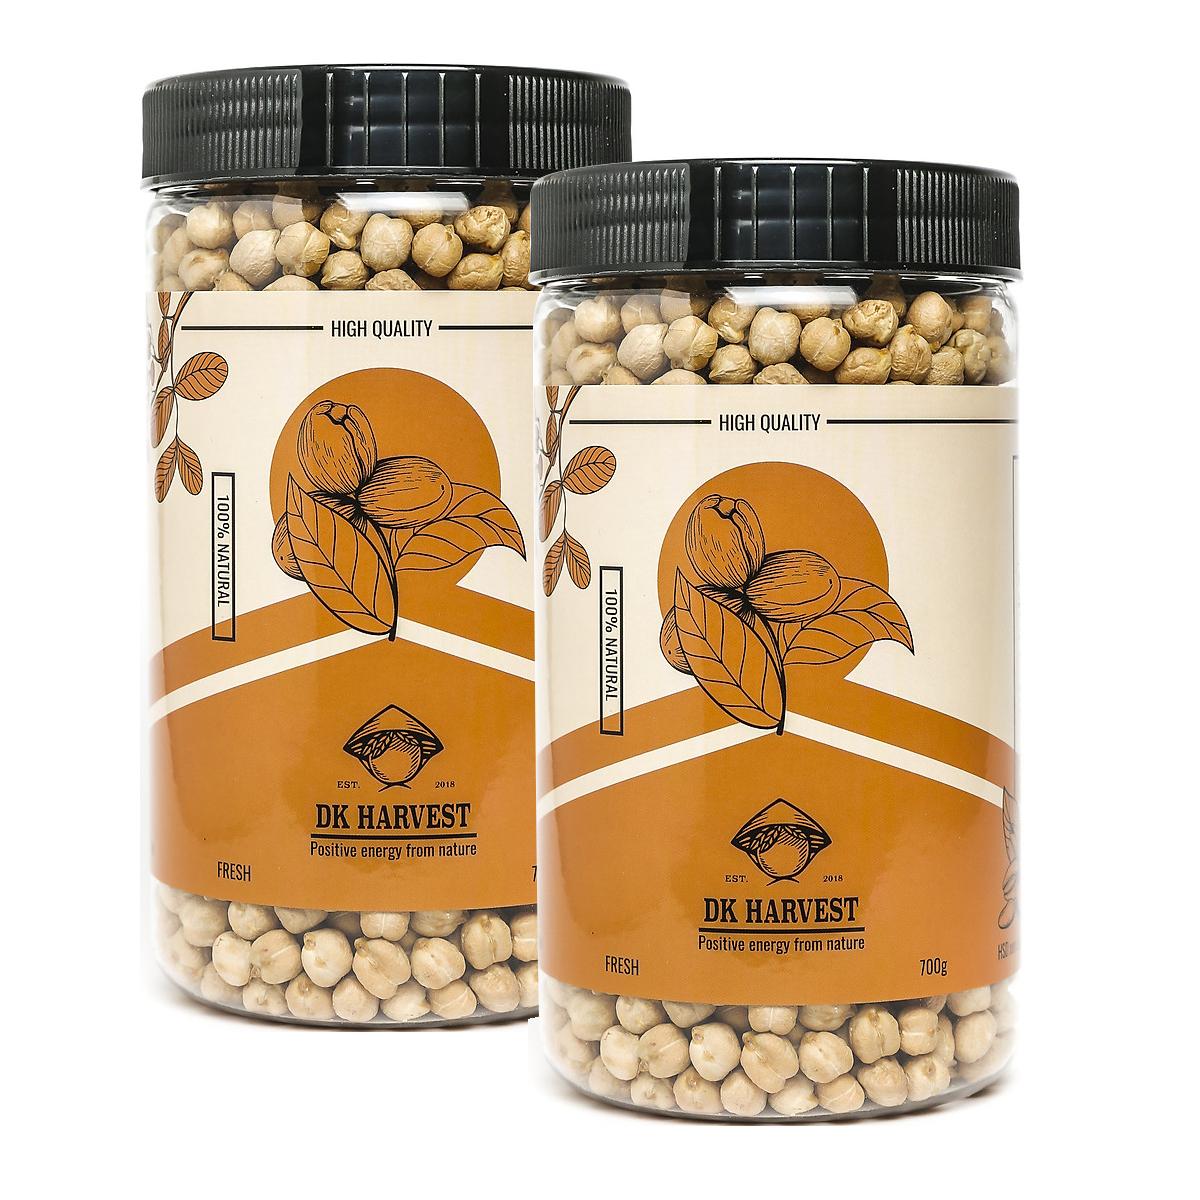 Combo 2 Hạt đậu gà DK Harvest nhập khẩu – 1k4 ( 2 hũ 700g)